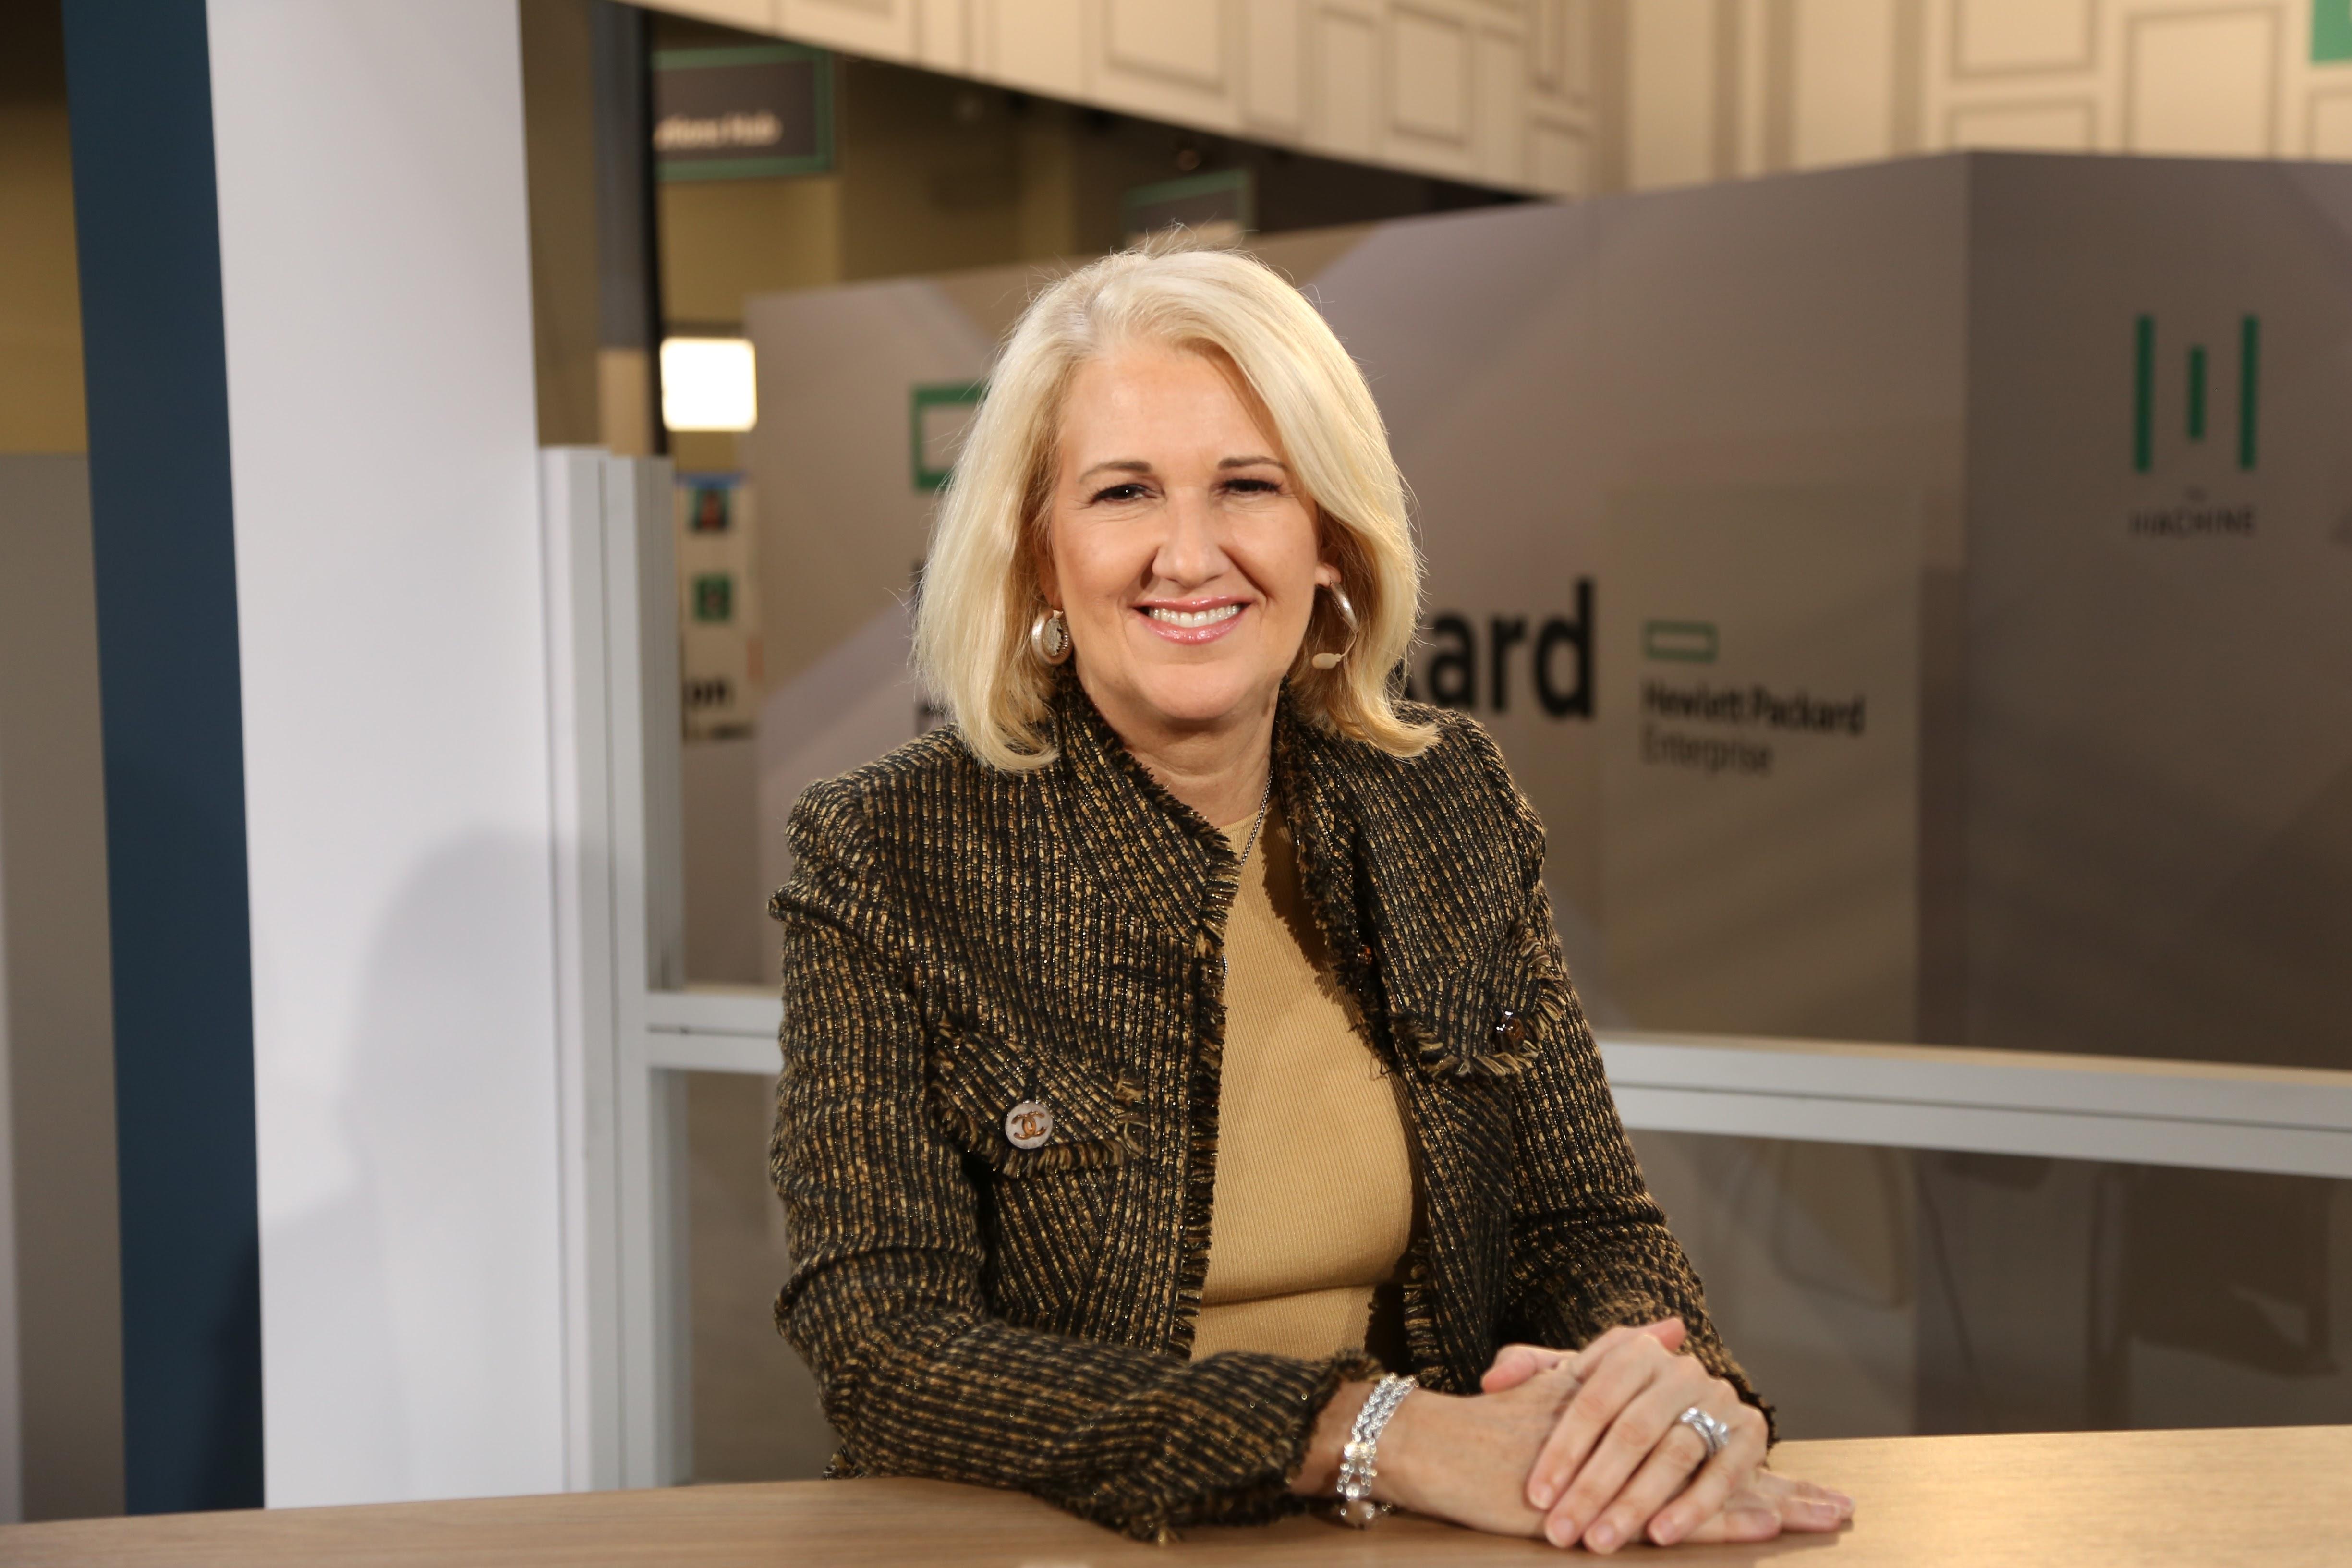 Hewlett Packard Enterprise (HPE) Rating Kept at Robert W. Baird Today